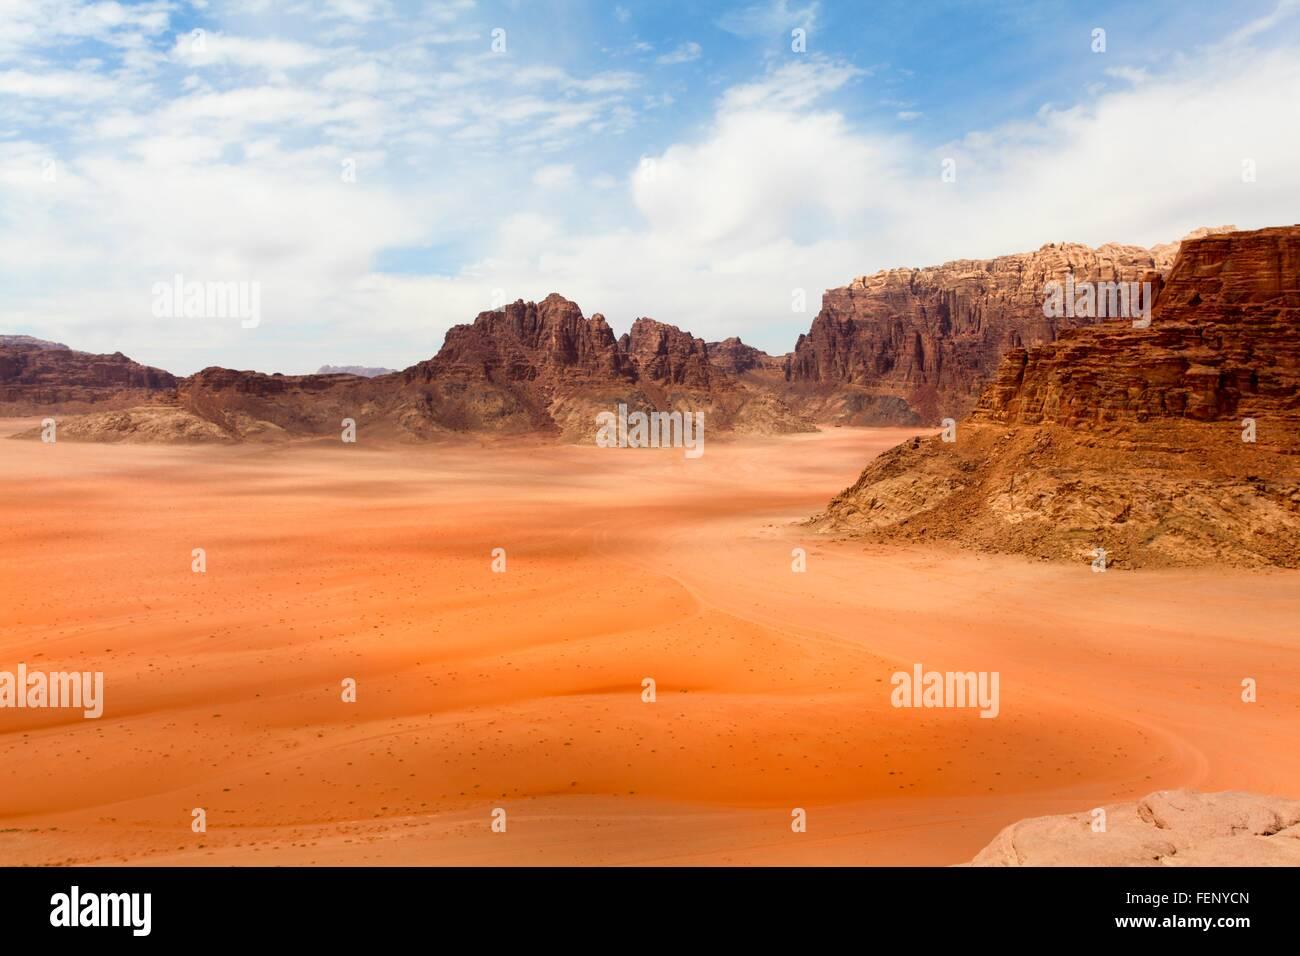 Erhöhten Blick auf Dessert und Gebirge, Wadi Ram, Jordanien Stockbild